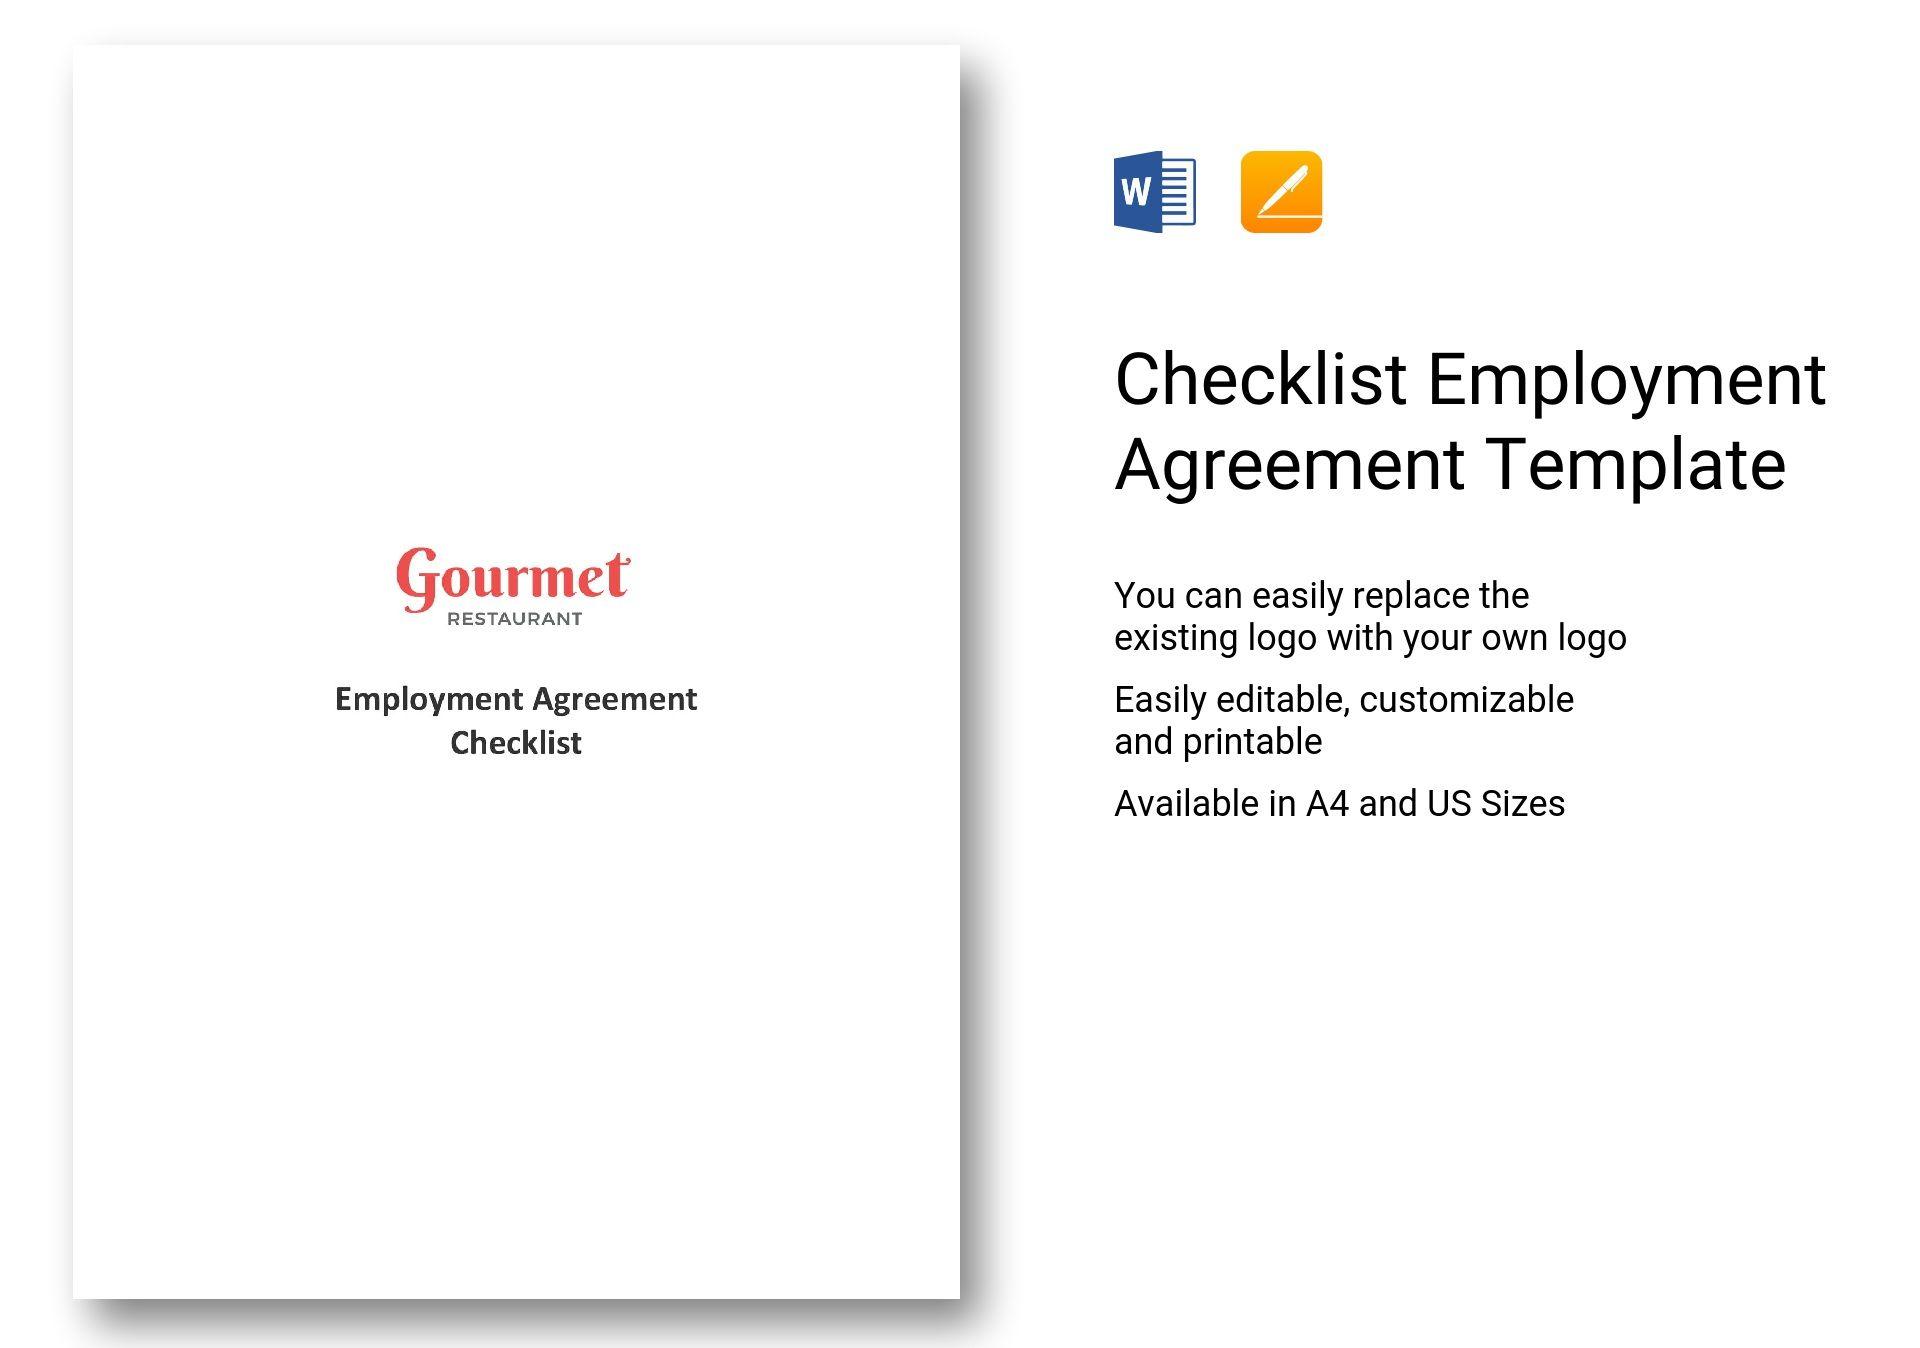 Checklist Employment Agreement